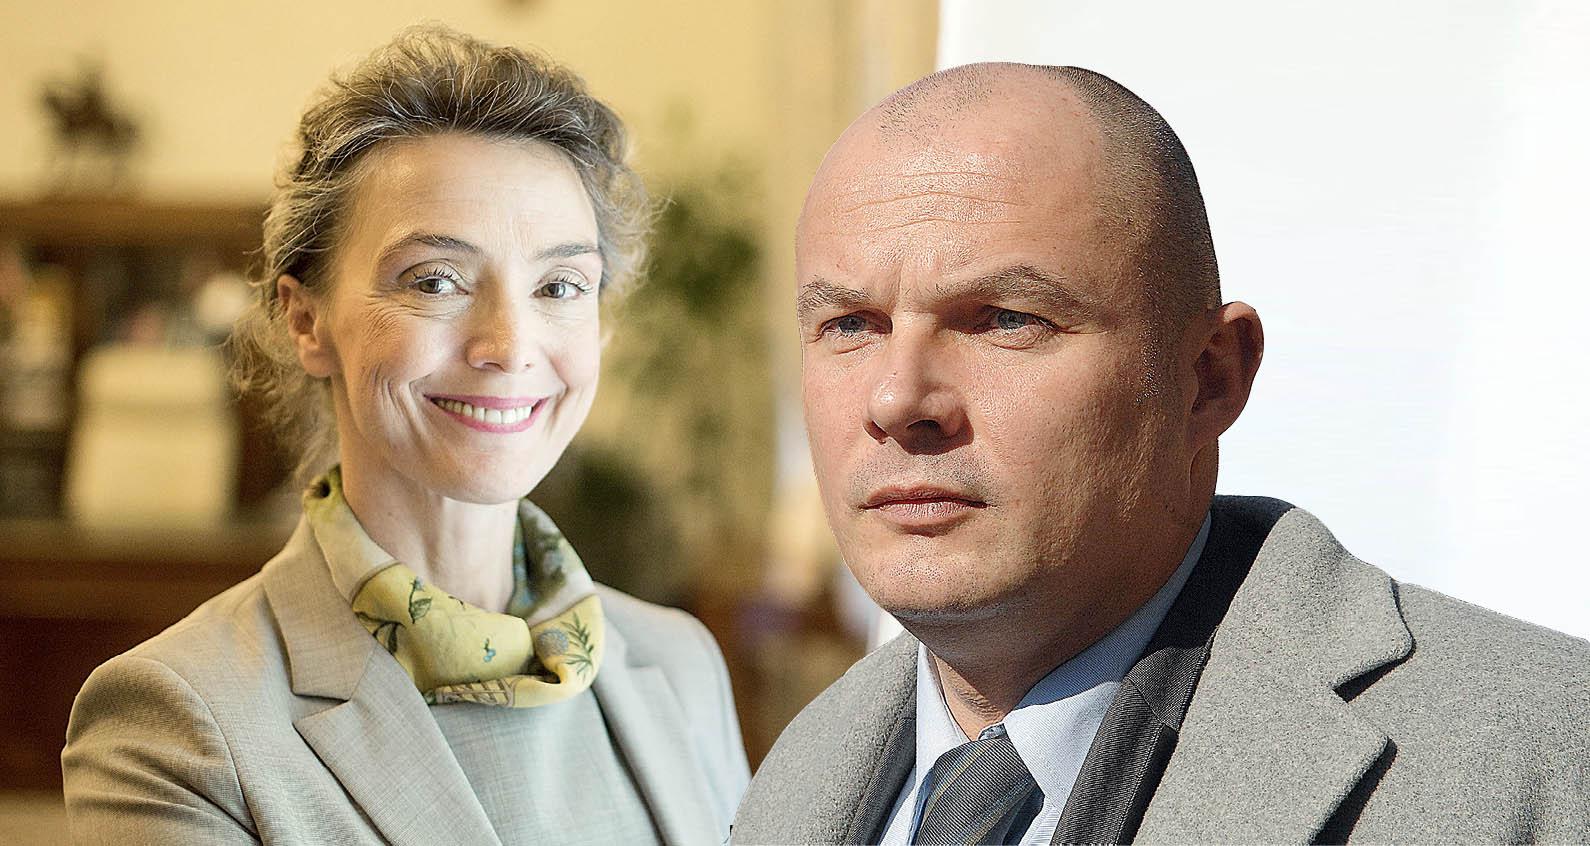 U IME SUPRUGA Ministrice Burić pismom se unaprijed najavljuju izvlaštenja sa zemlje važne za projekt Vis Viva